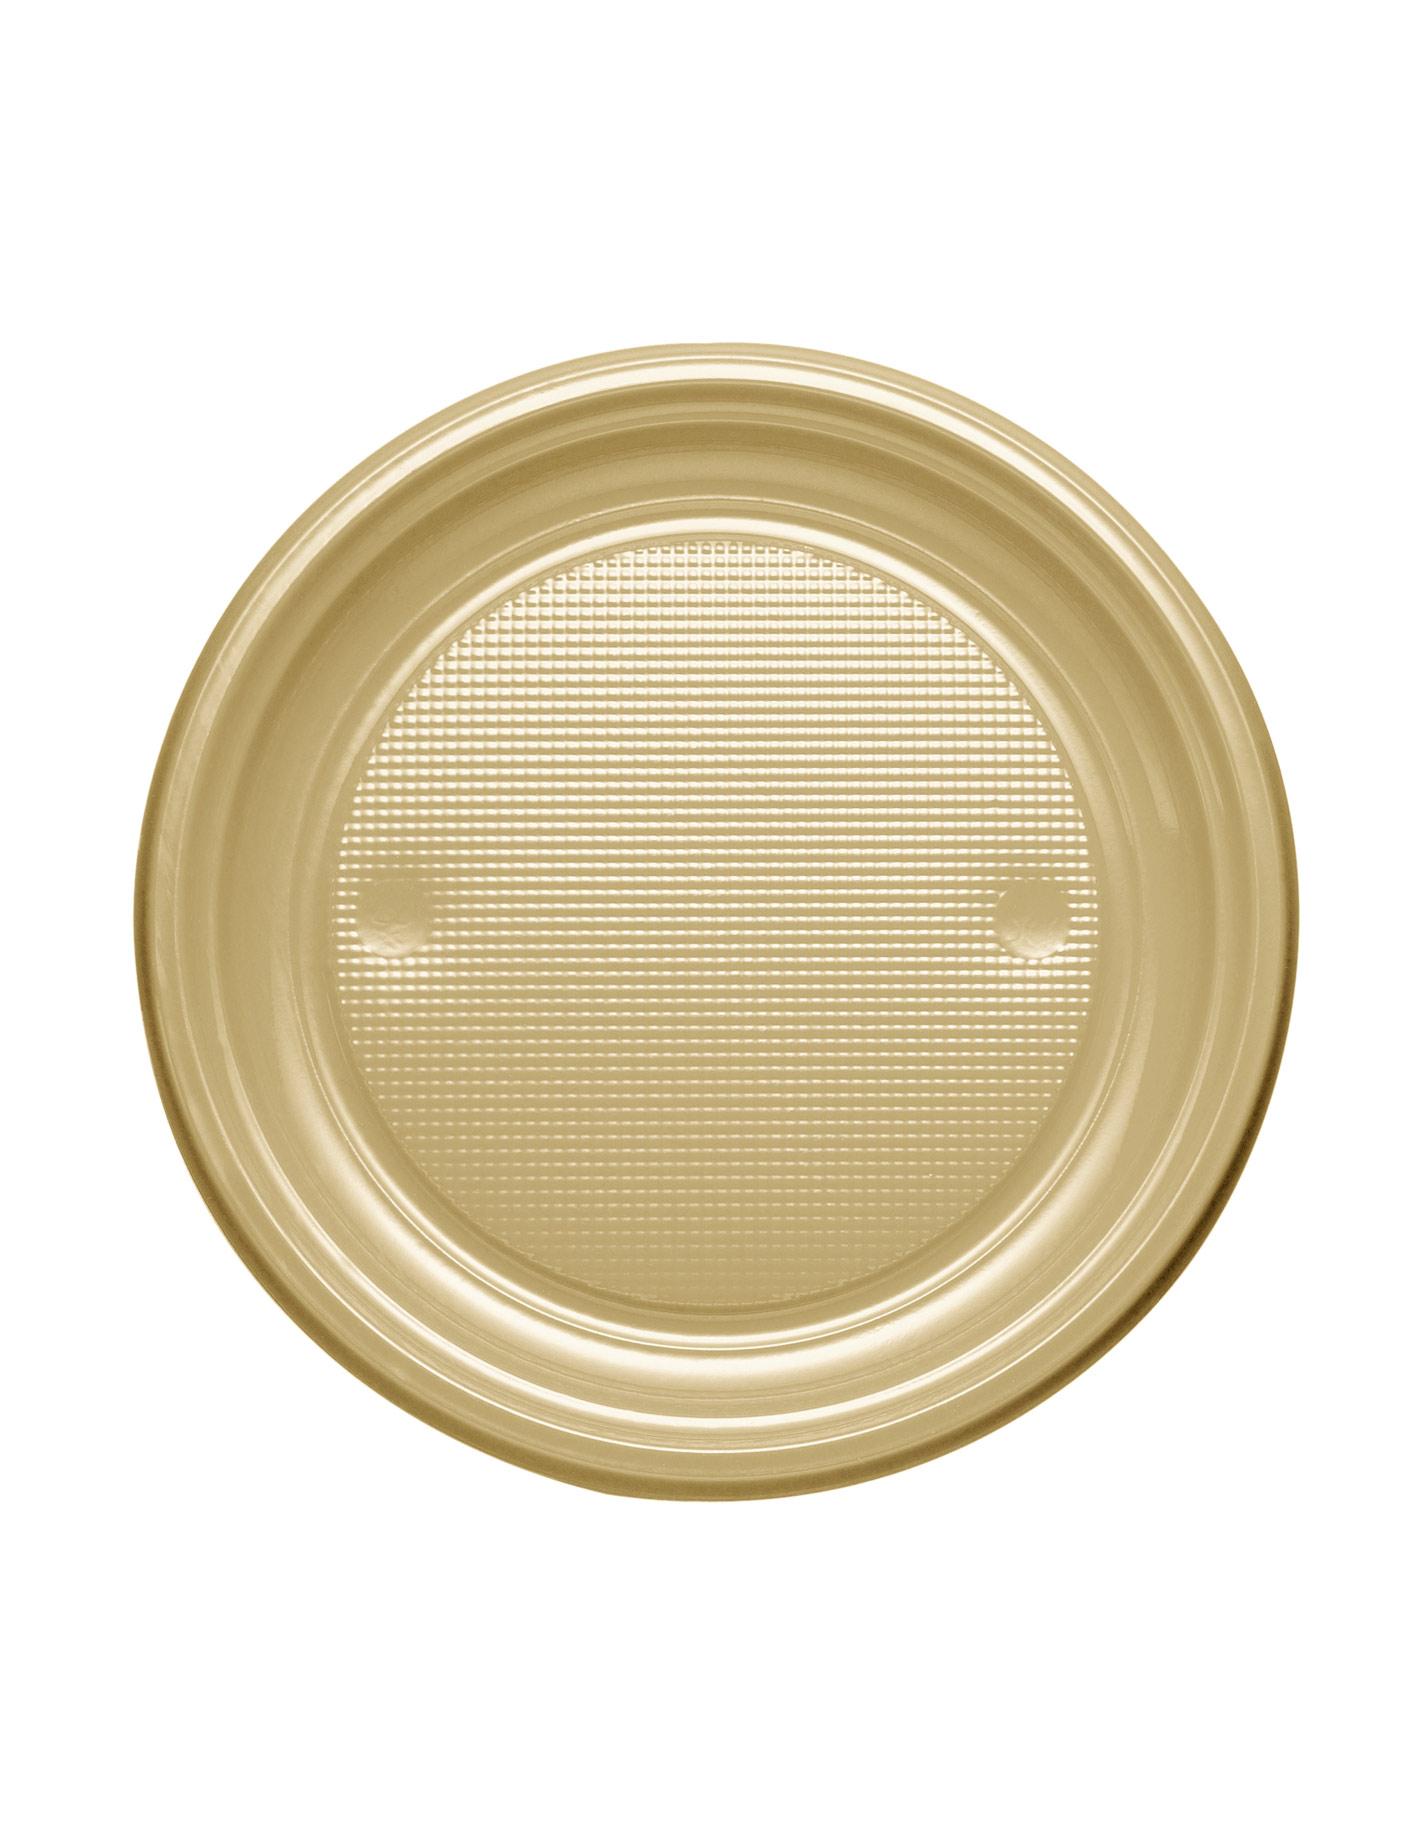 25 petites assiettes or rondes en plastique 17 cm - Petites pochettes plastiques ...